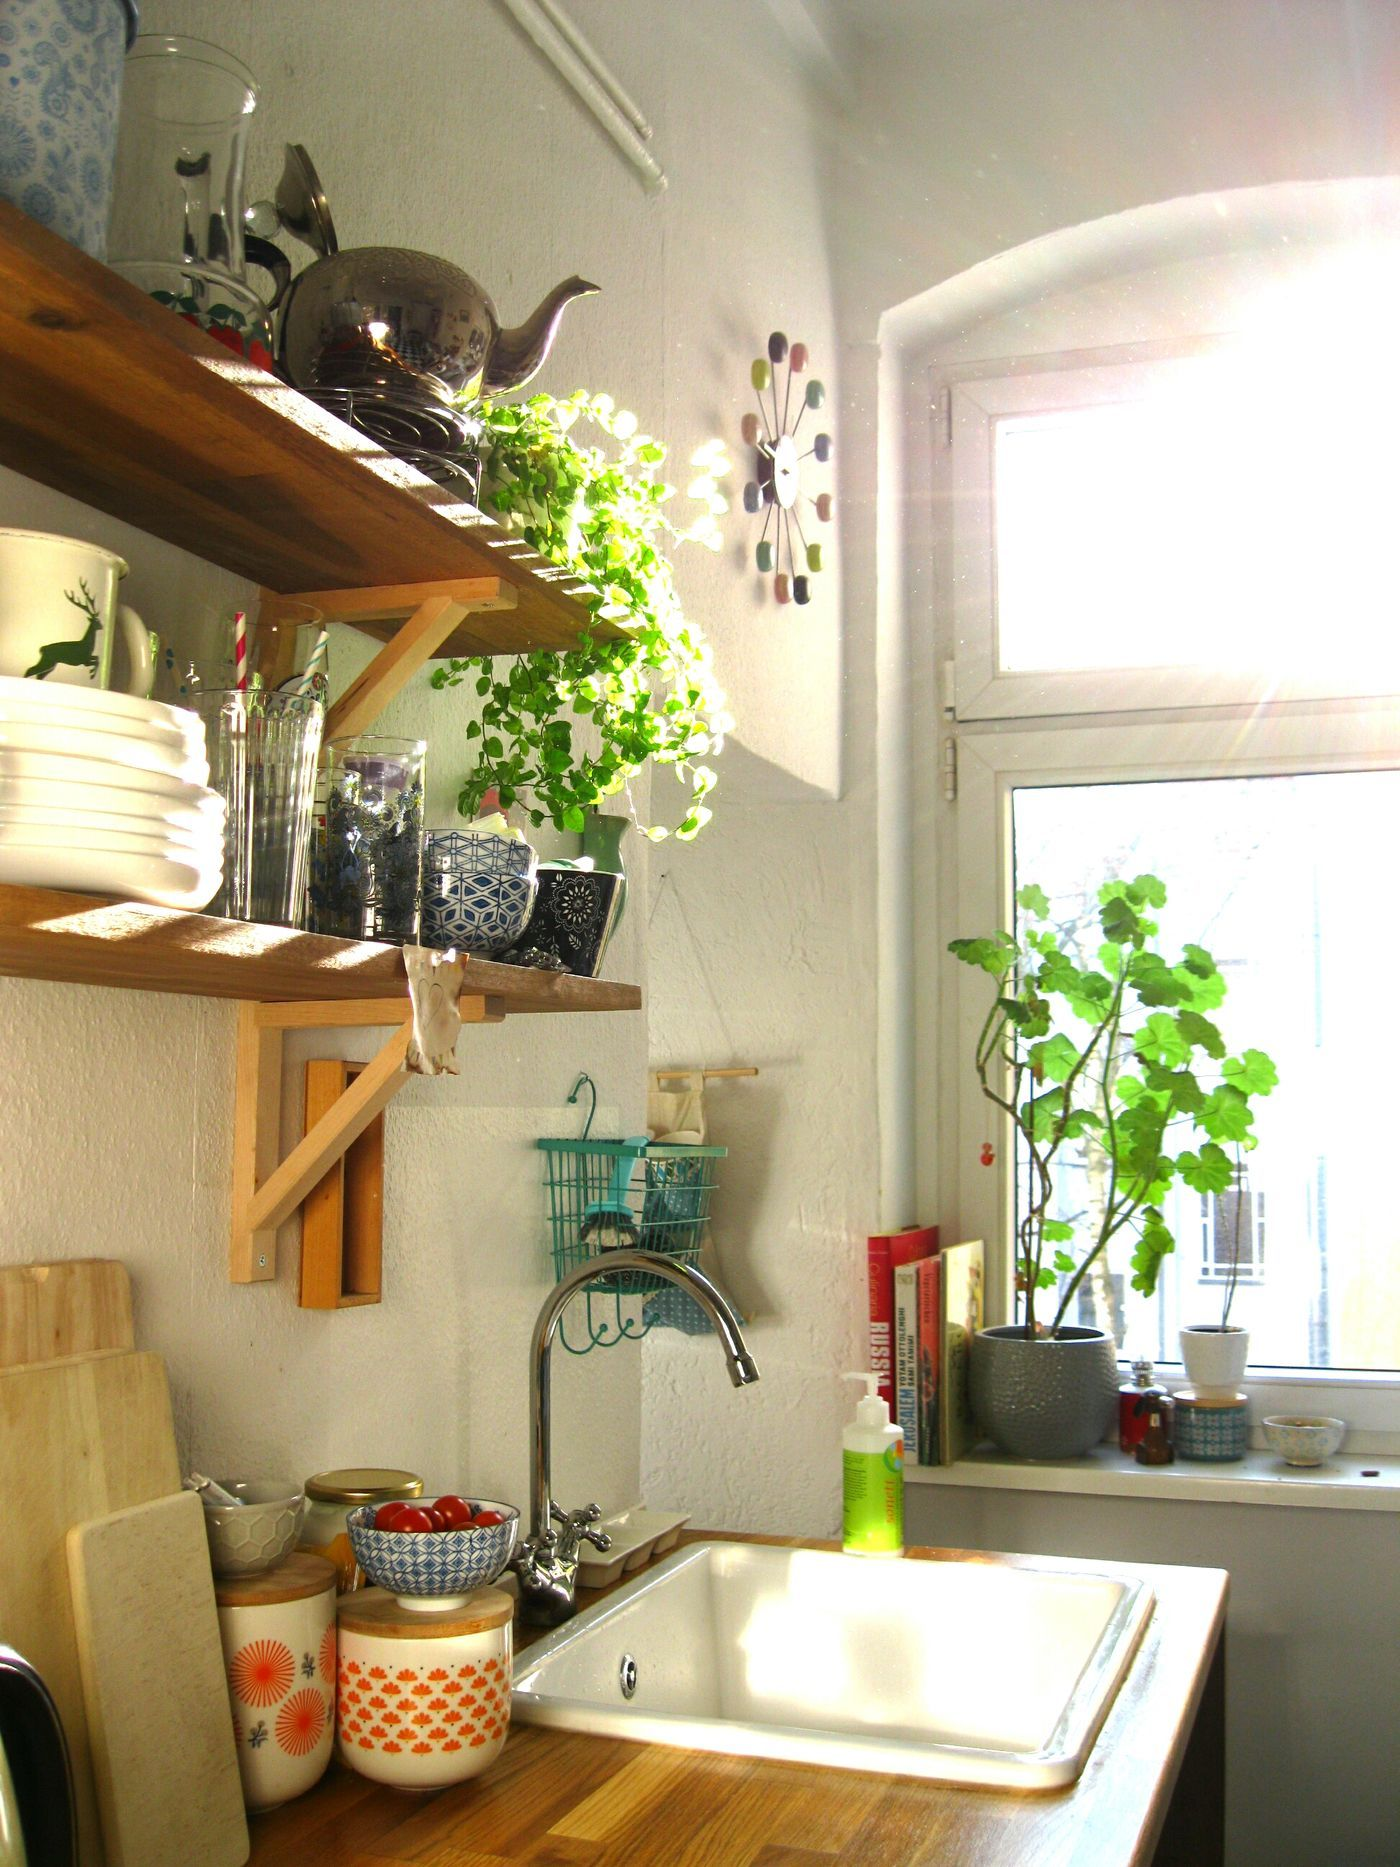 Full Size of Gewerbliche Küche Einrichten Küche Einrichten Ikea Küche Einrichten Was Wohin Dachgeschoss Küche Einrichten Küche Küche Einrichten